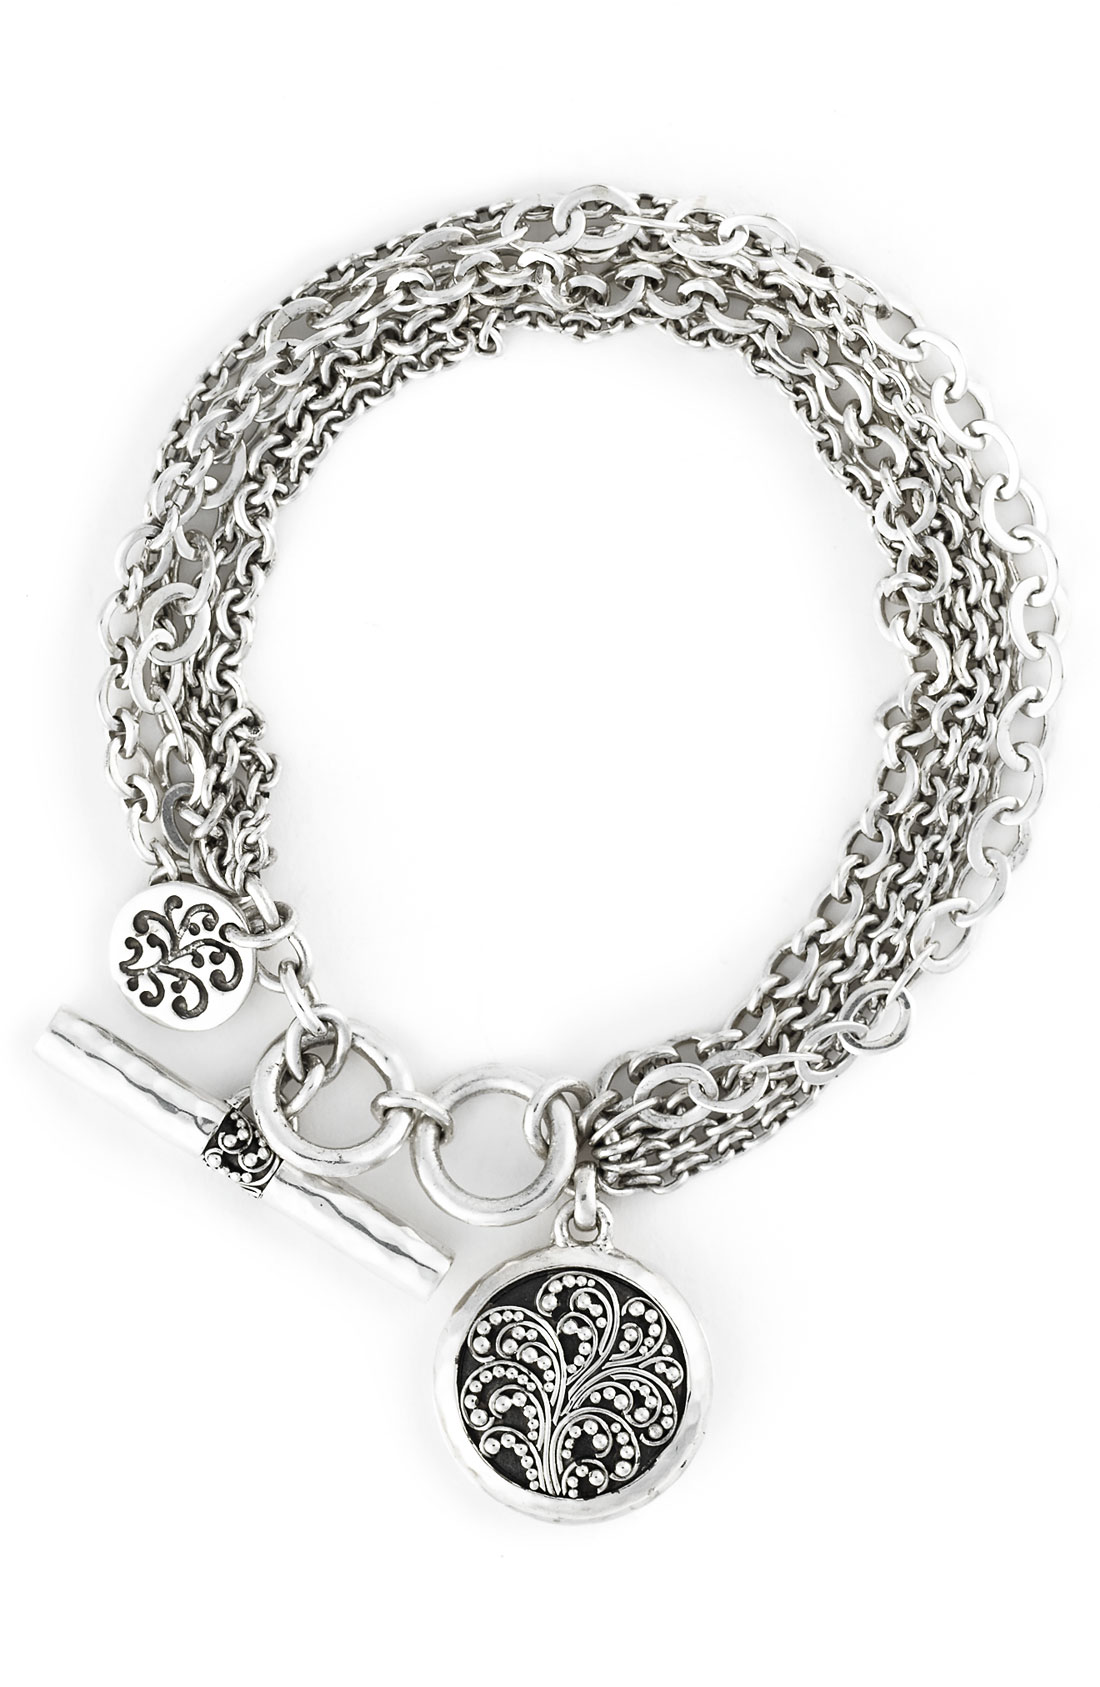 Lois Hill Keepsake Locket Charm Multi Chain Bracelet In